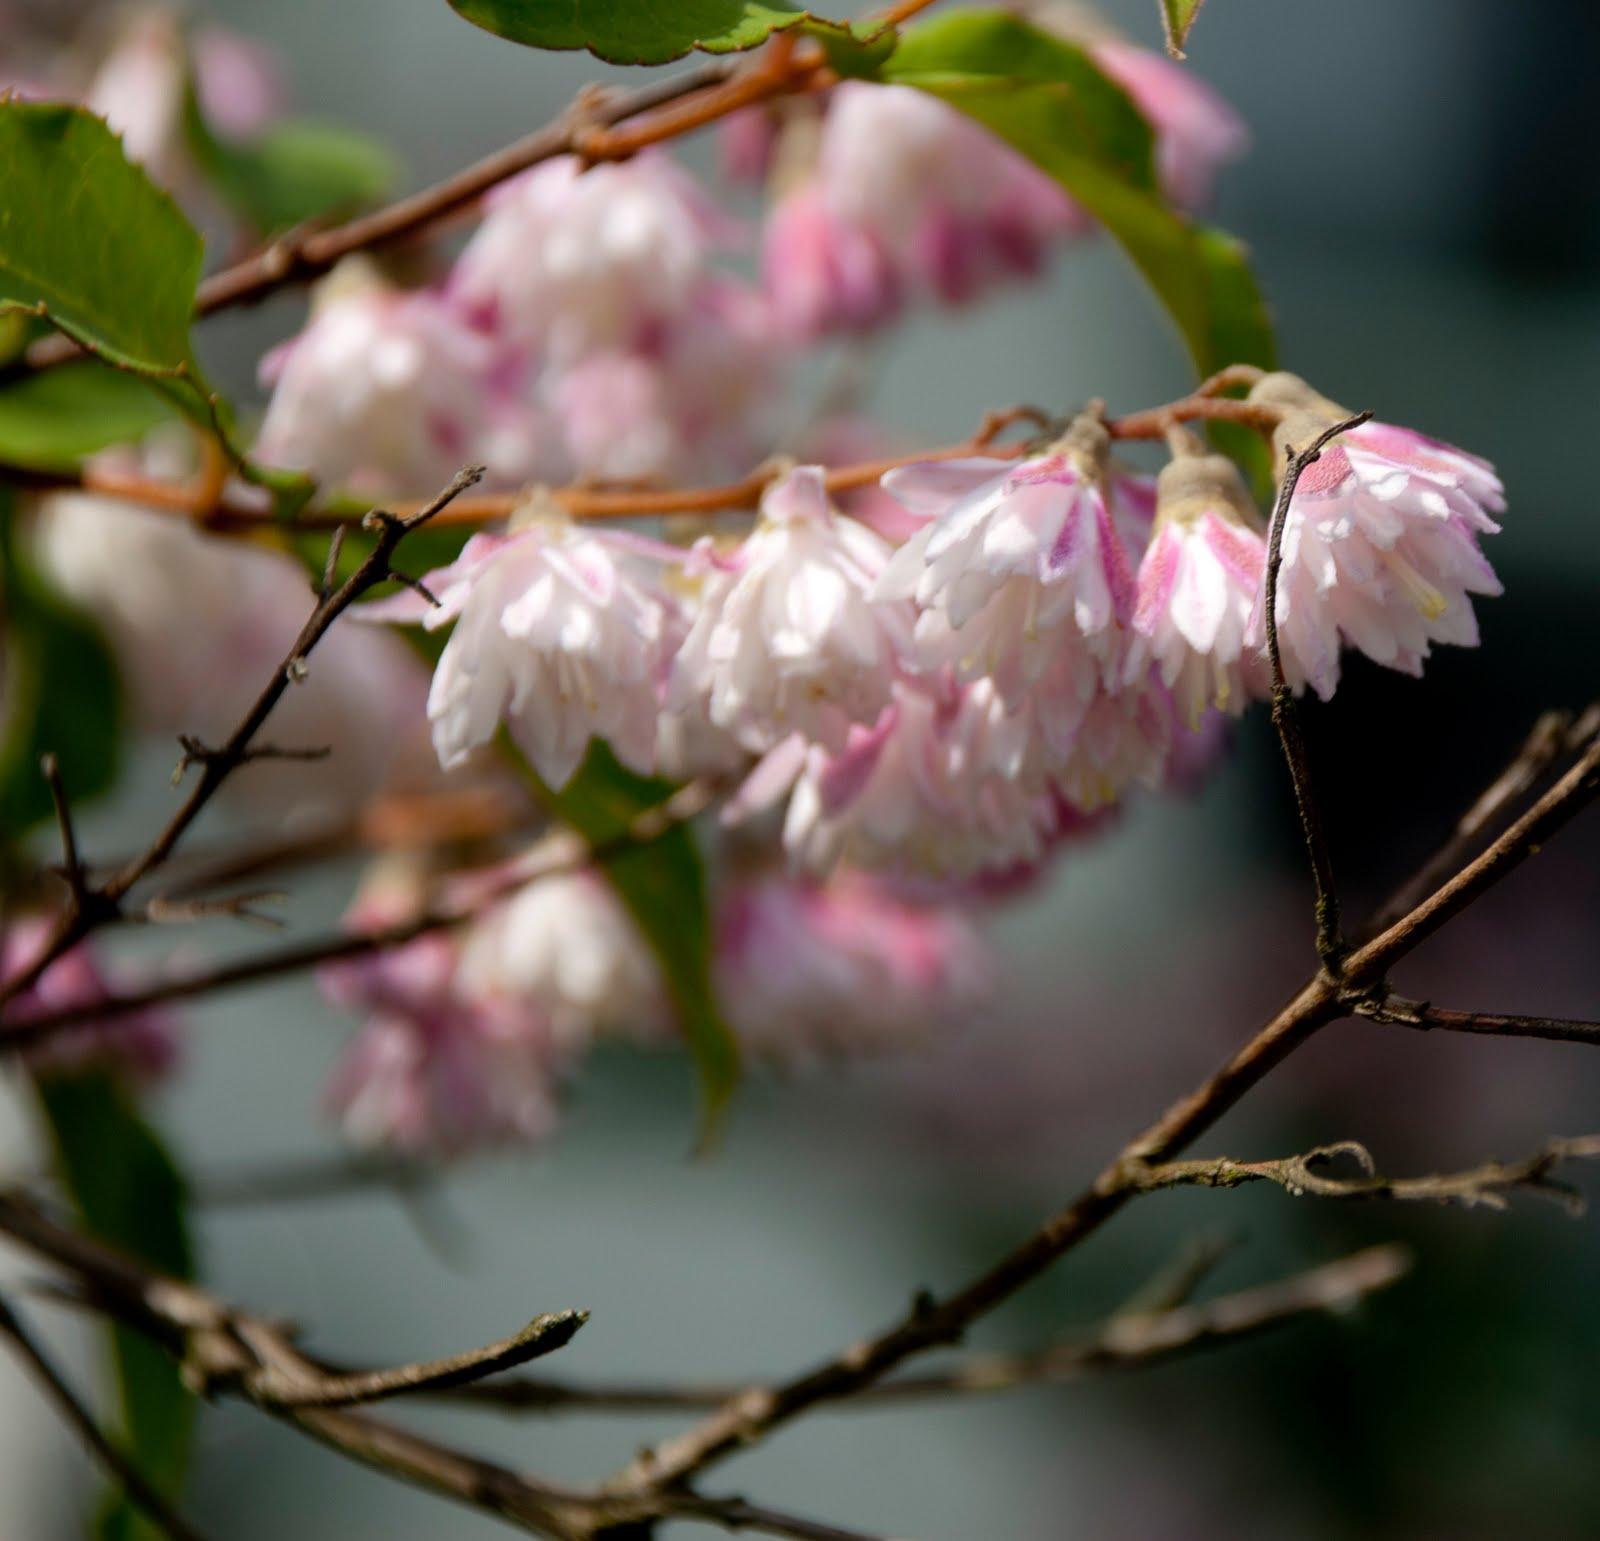 http://3.bp.blogspot.com/-Te-Az8bBuQI/TfkCWpj5WAI/AAAAAAAAJtU/EbnFg6RMyq4/s1600/Pink%2BBlur%2B06152011.jpg